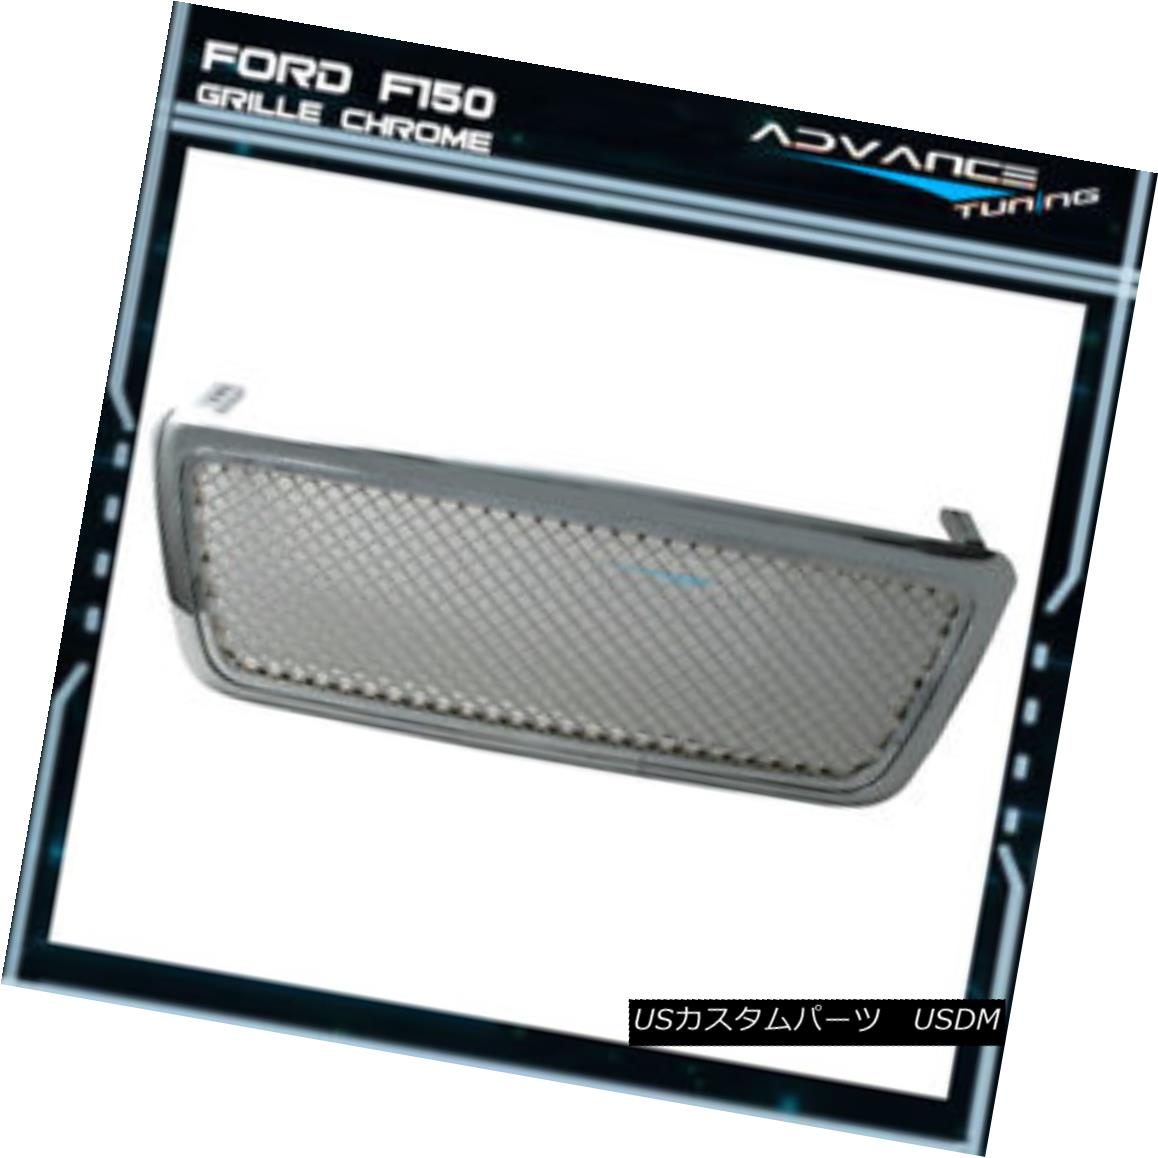 グリル Fits 04-06 Ford F150 F-150 Chrome Front Mesh Grill Grille Brand New フィット04-06フォードF150 F - 150クロムフロントメッシュグリルグリルブランニュー